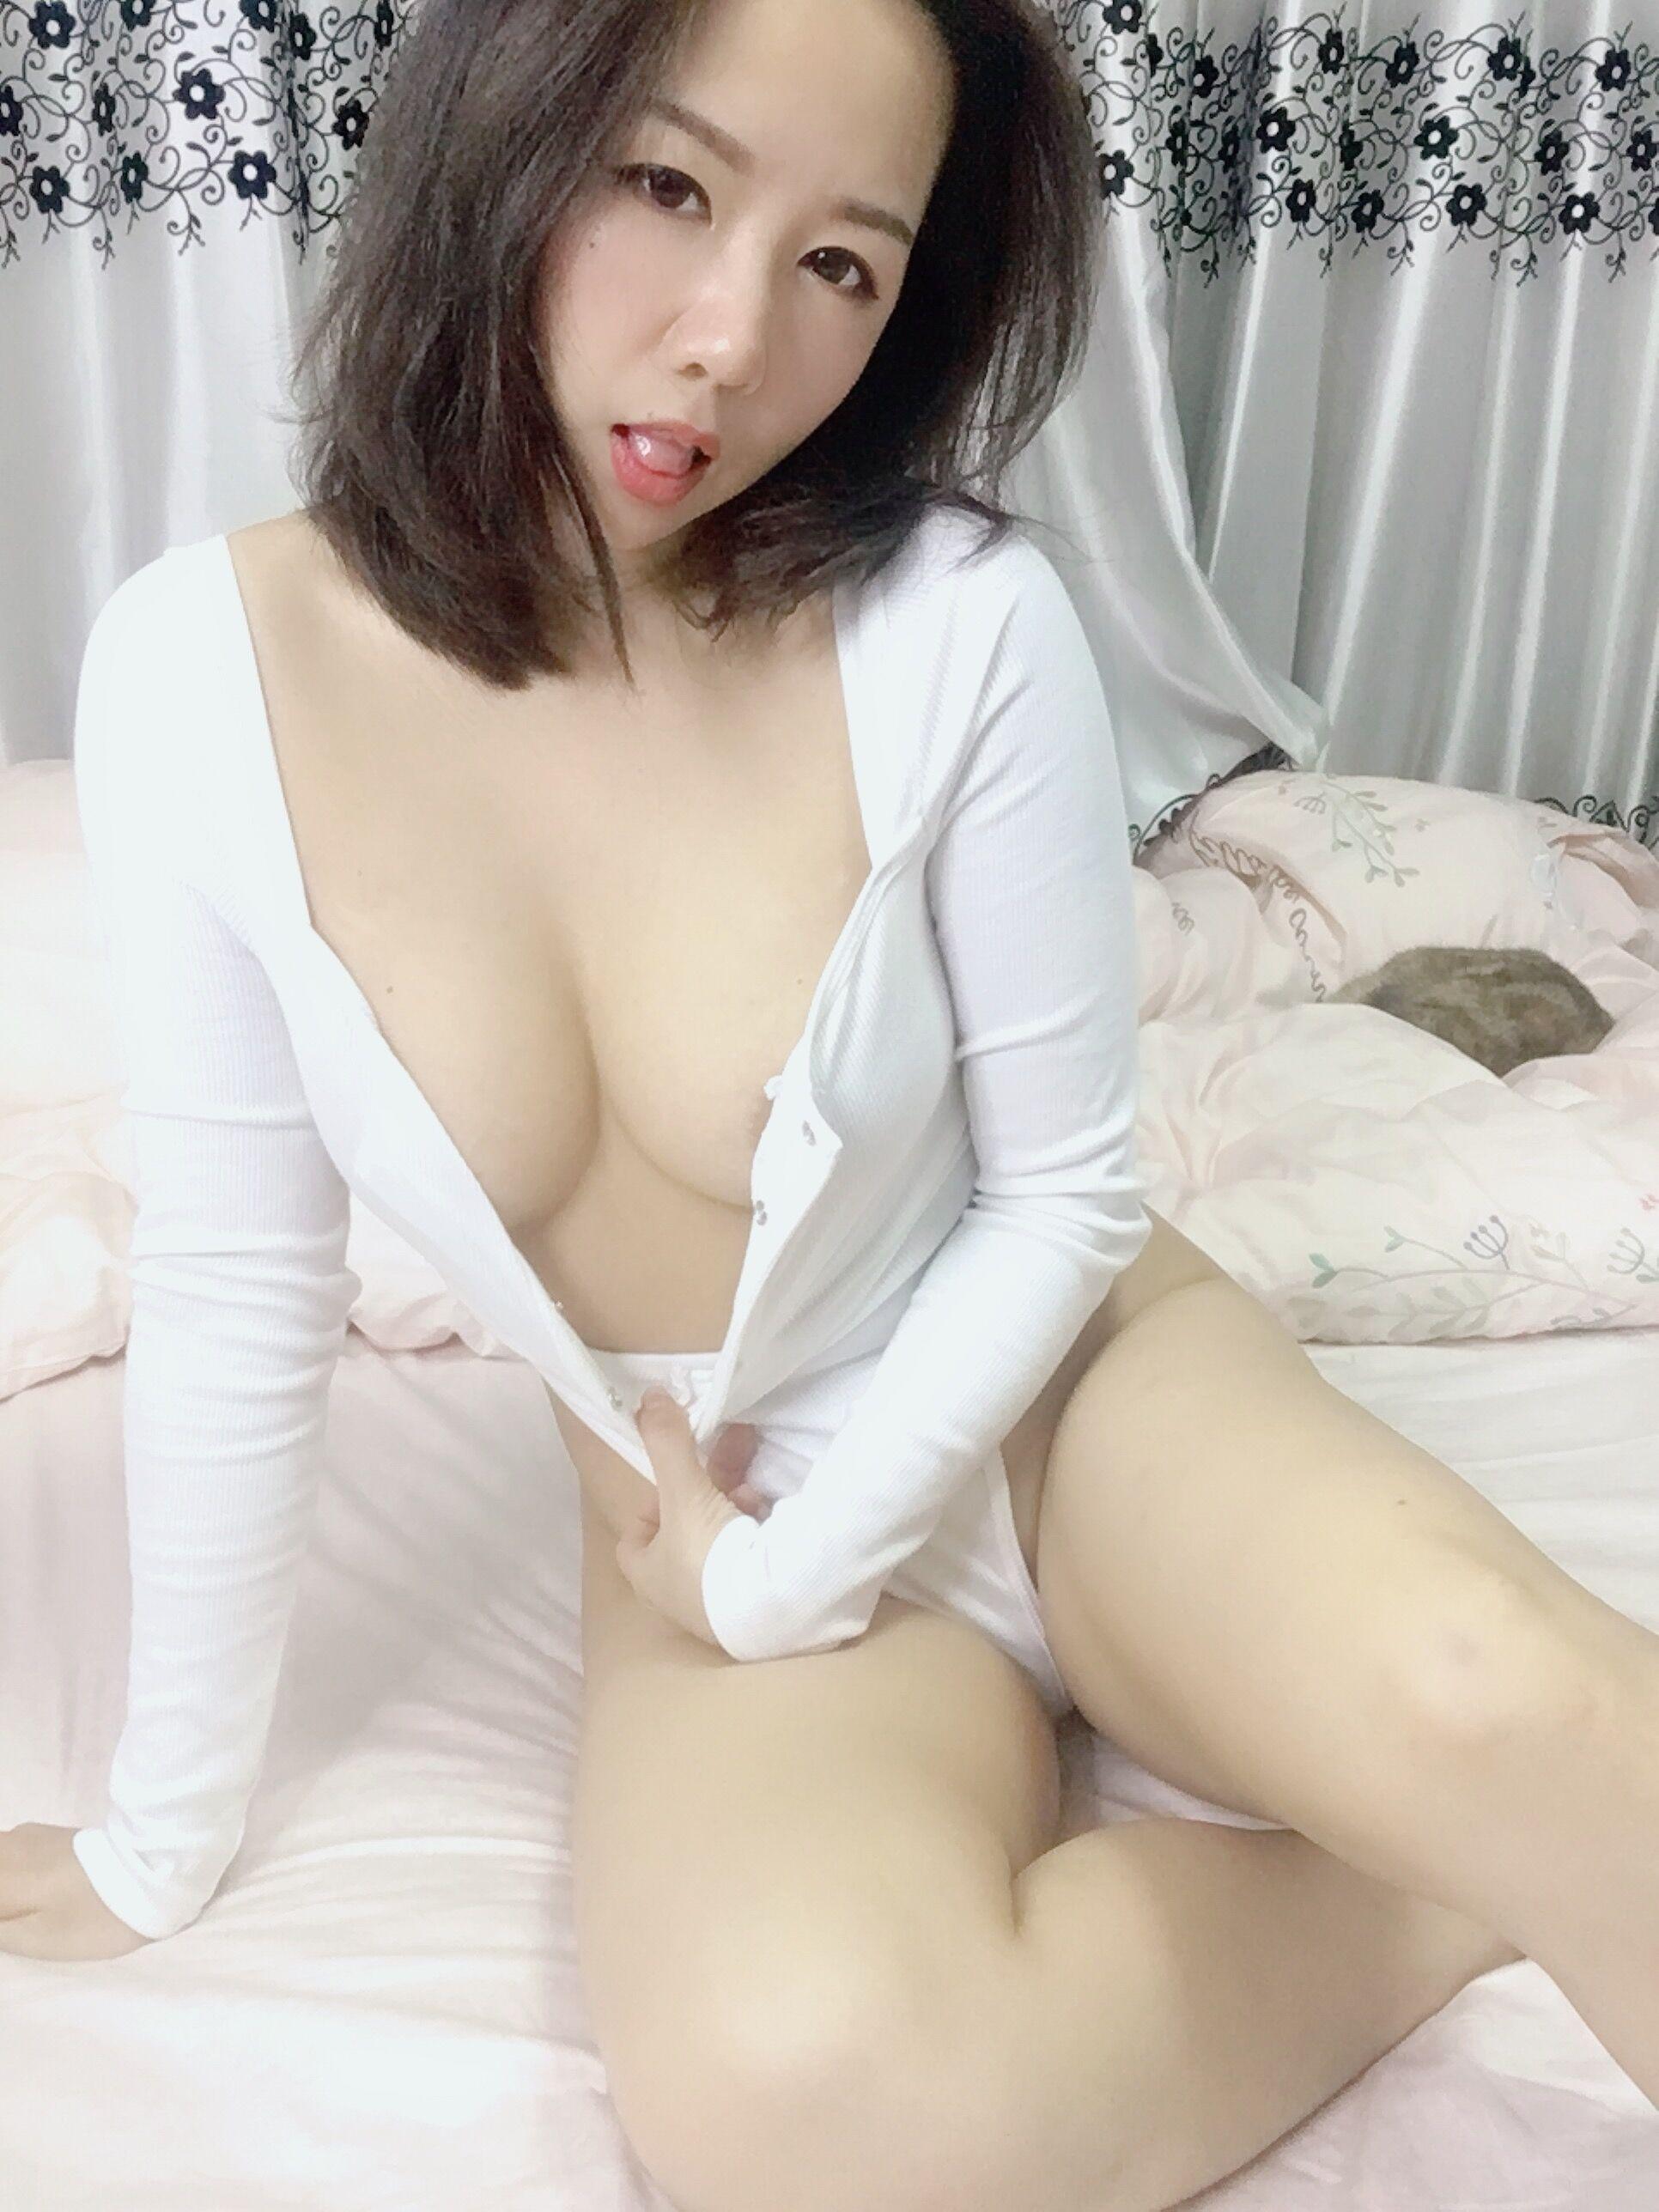 斗鱼主播NaiNai奈老师飞机福利(108P+54V)